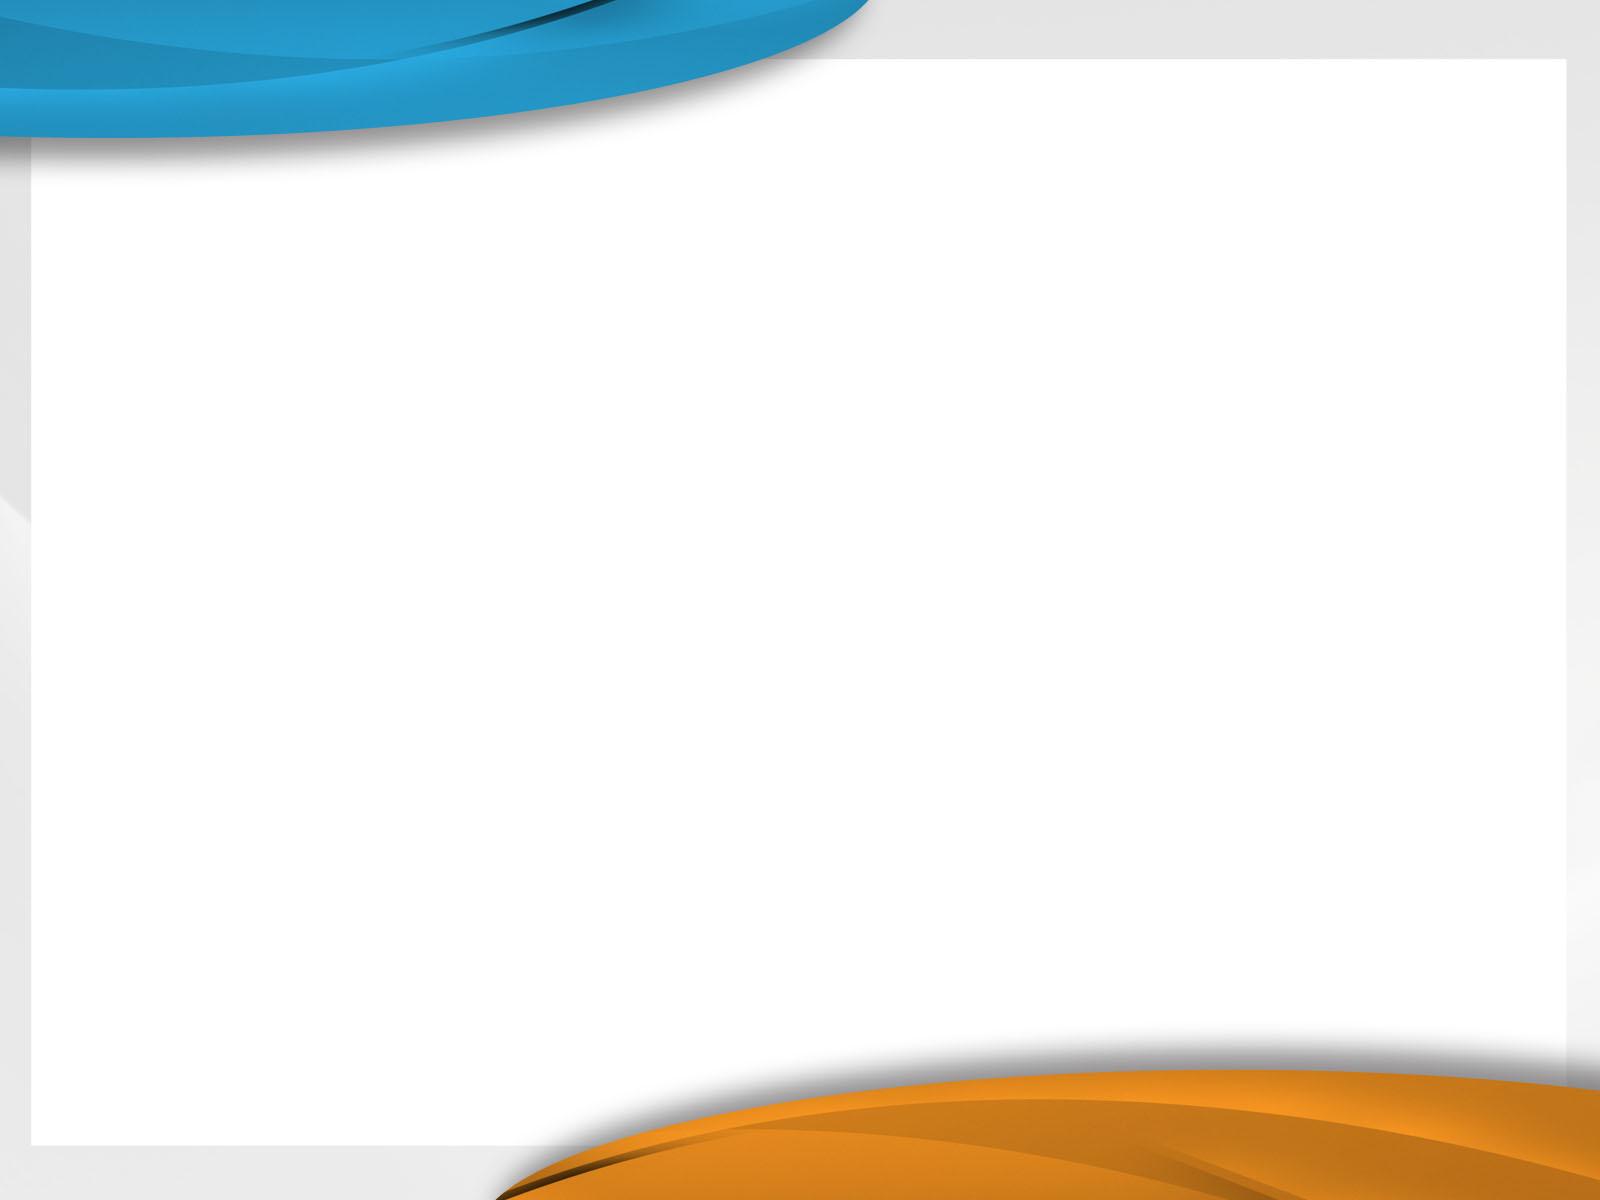 Background Spanduk Putih Related Keywords - Background